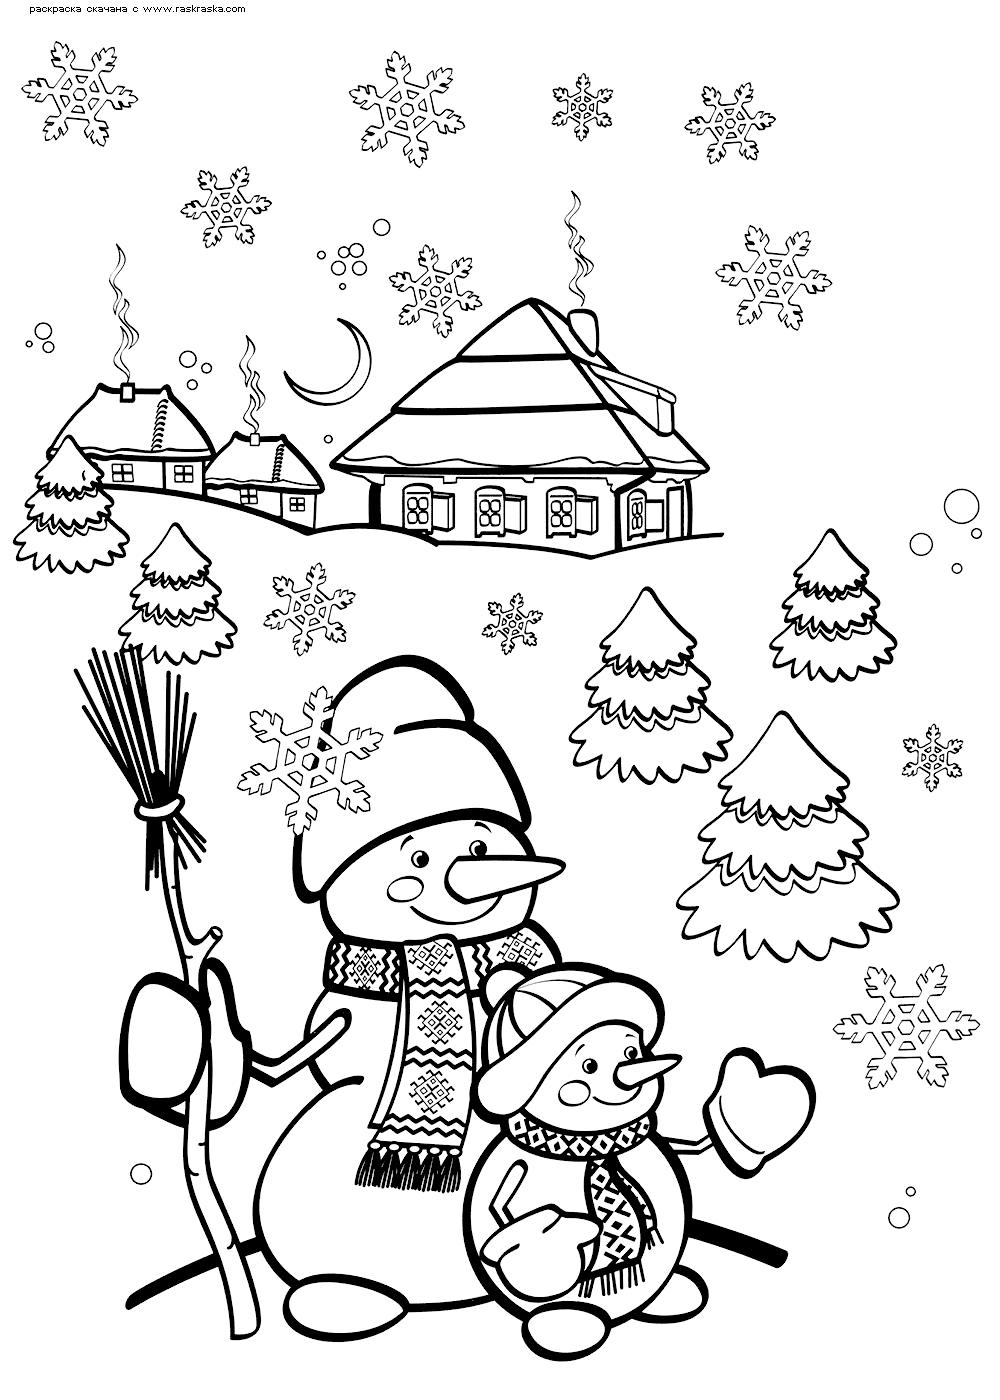 Раскраска Снеговички. Раскраска снеговик, зима